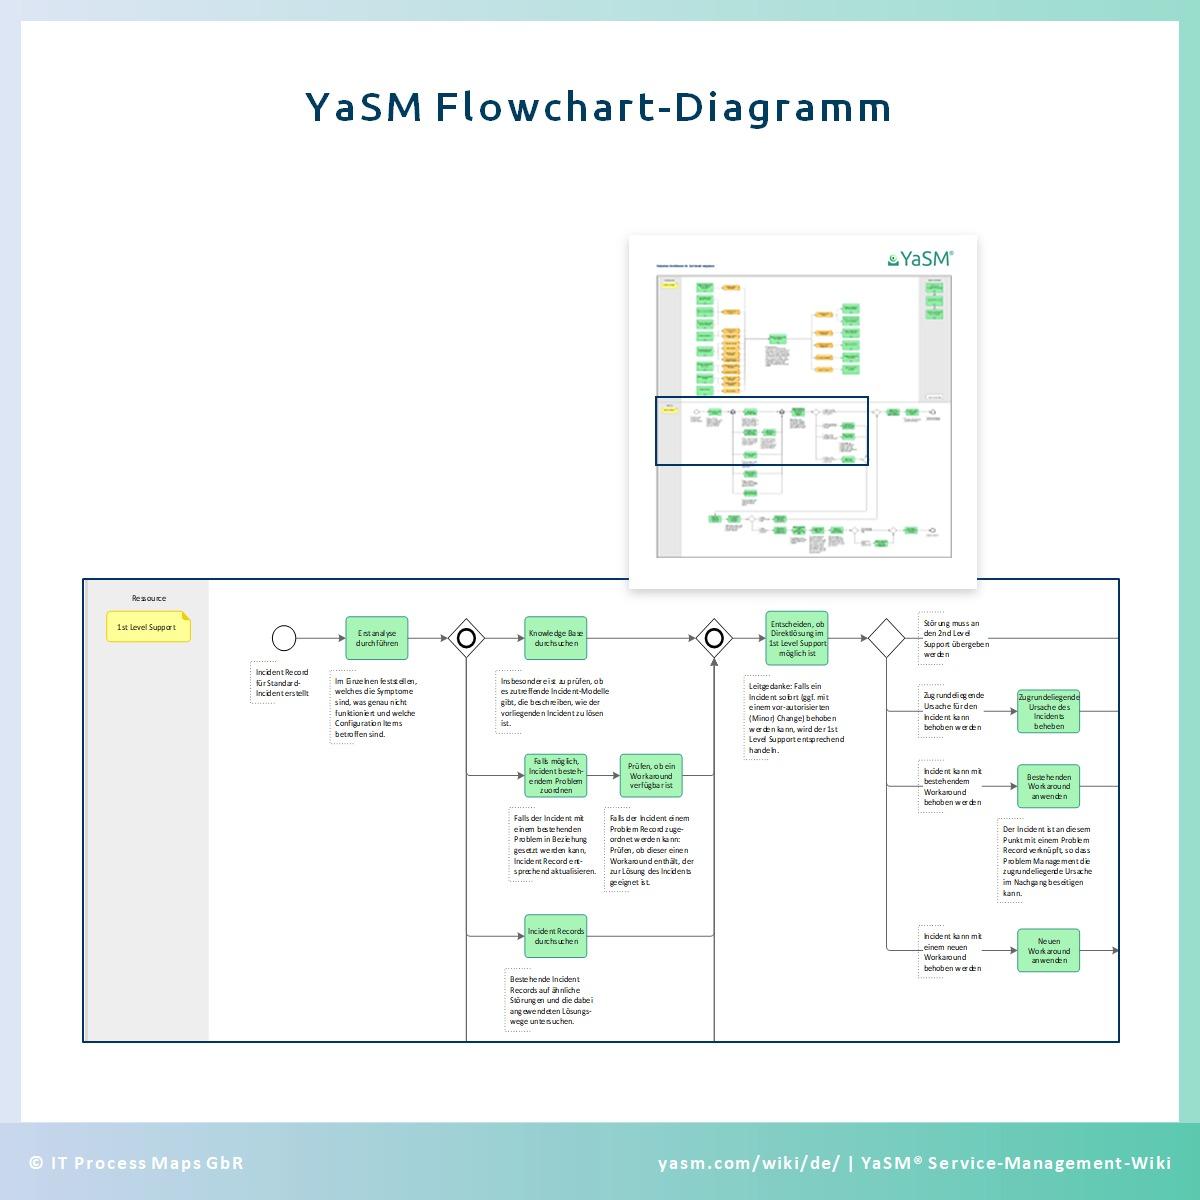 Das YaSM Flowchart-Diagramm (Fluss-Diagramm) beschreibt die einzelnen Aktivitäten in den Service-Management-Prozessen.